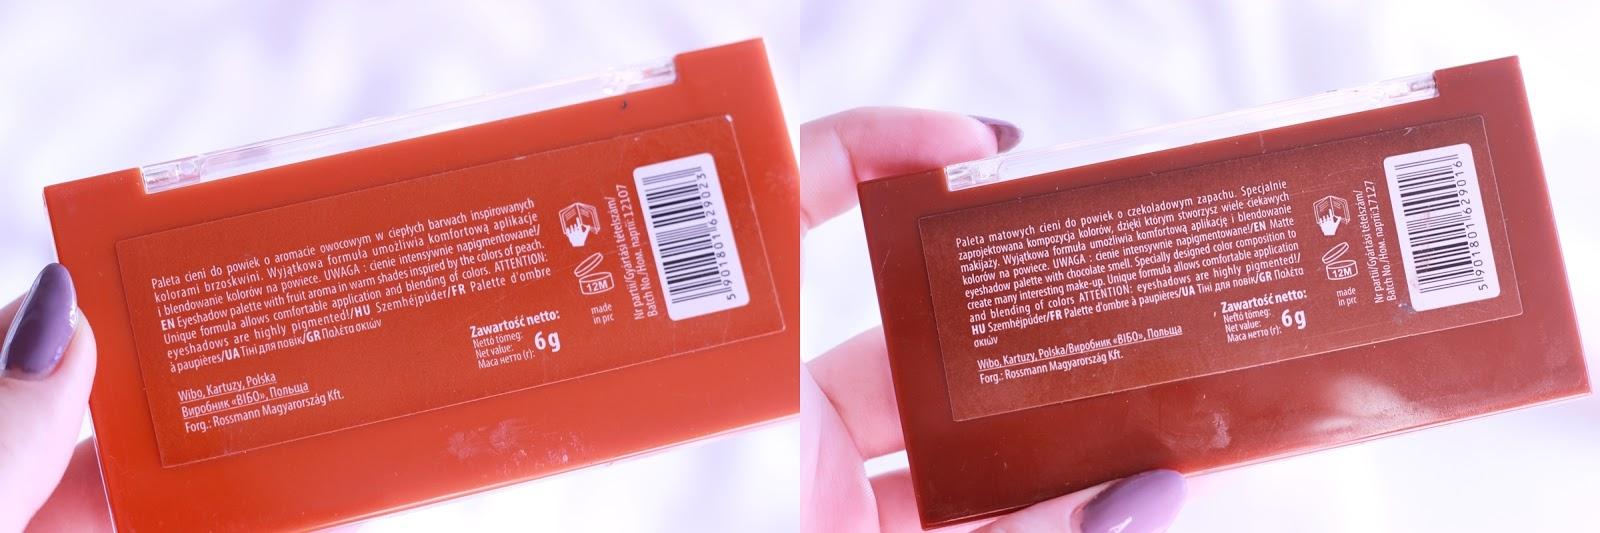 swatche lovely tanie paletki choco bons peach desire opinia recenzja zdjęcia